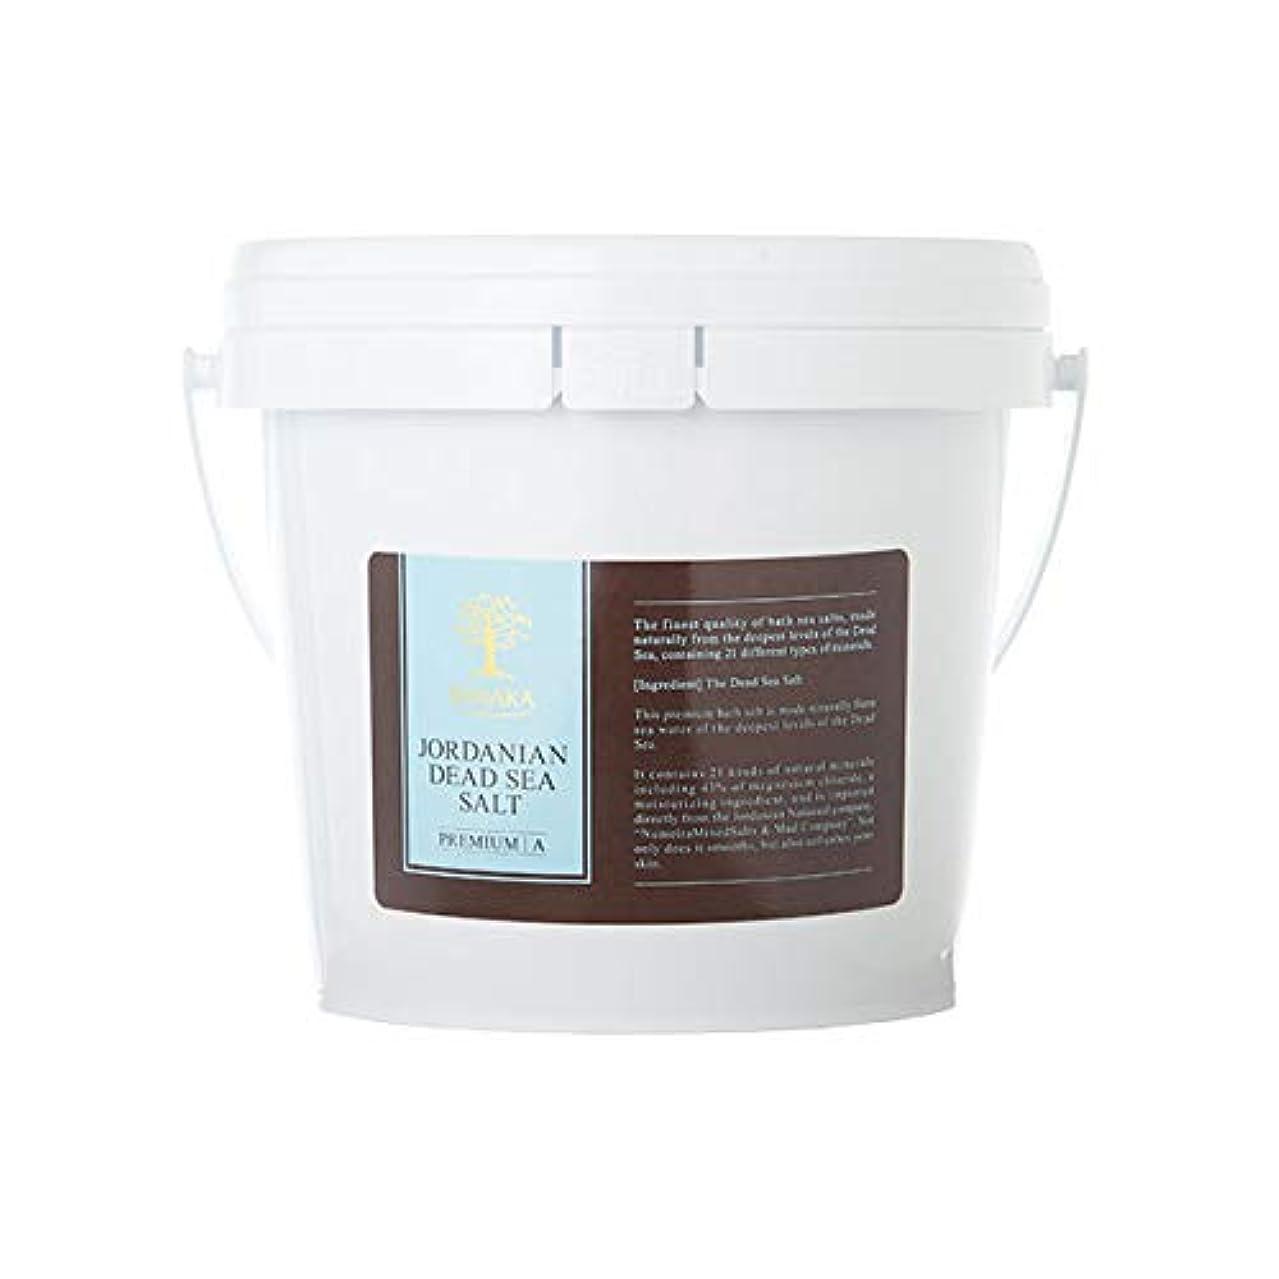 集中ツーリスト円形のBARAKA(バラカ) ジョルダニアン デッドシー ソルト バケツ 1.5kg バスソルト 入浴剤 ヨルダン産死海塩100%